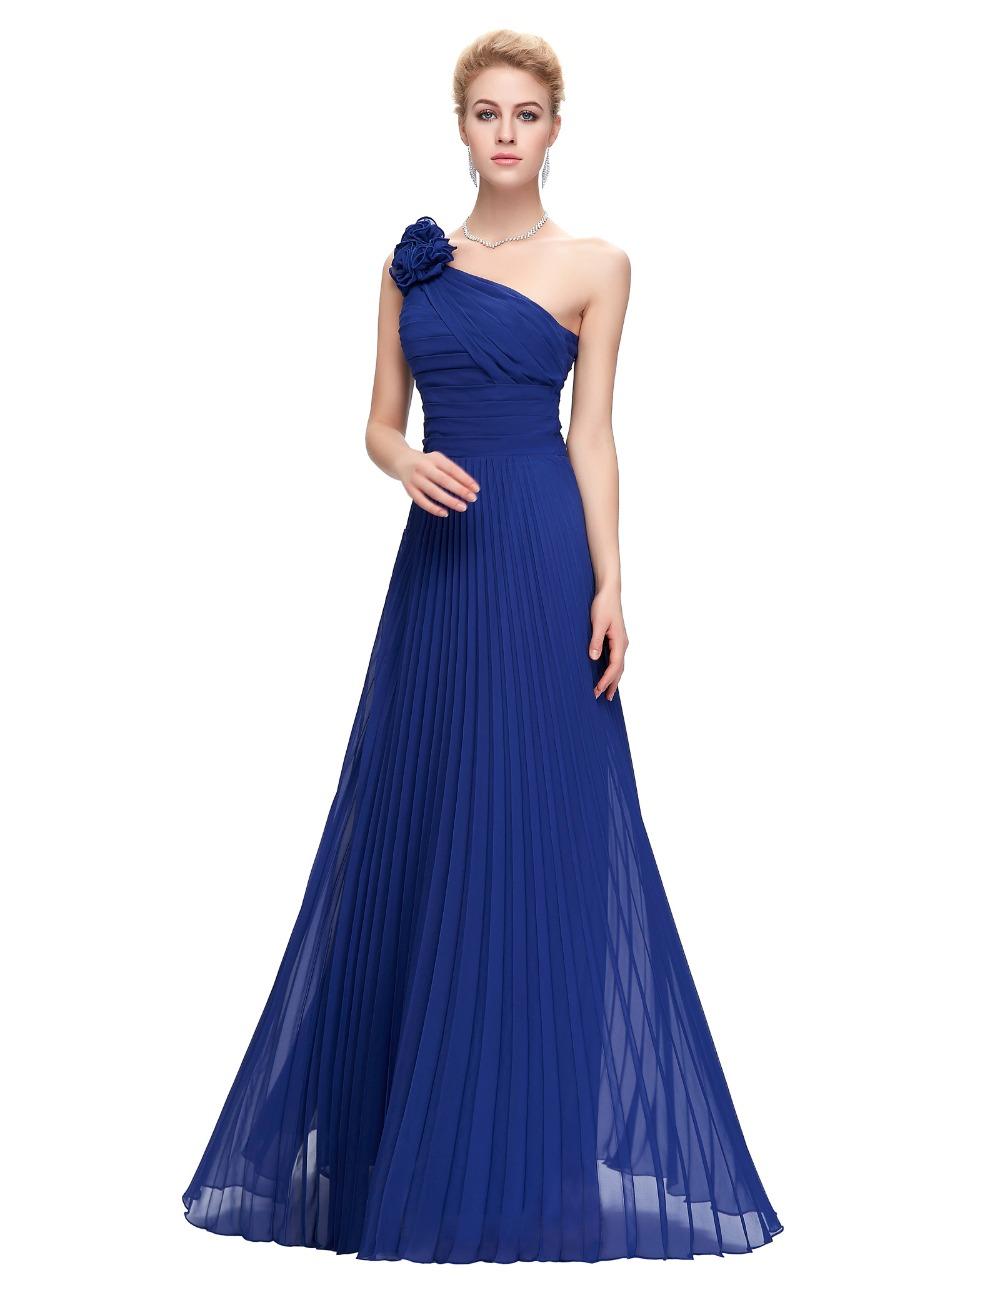 3a532af0e2b62 Saks Mavisi Çok Şık Askılı Abiye Modelleri 2016